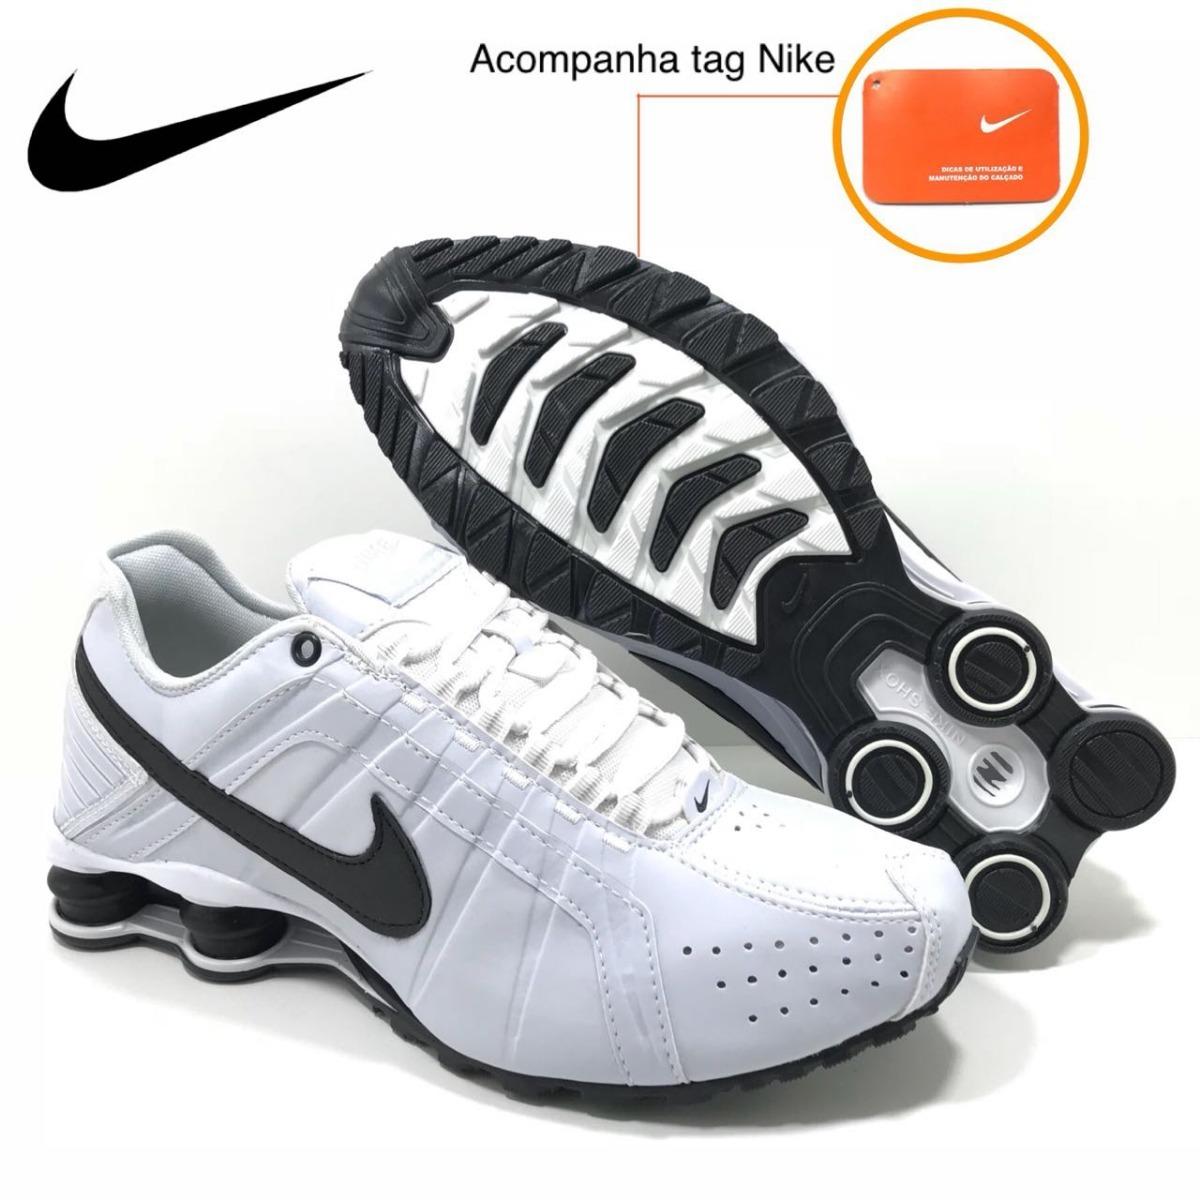 10edb883454 ... best price tênis nike shox junior masculino branco preto original. carregando  zoom. a3c5a 85541